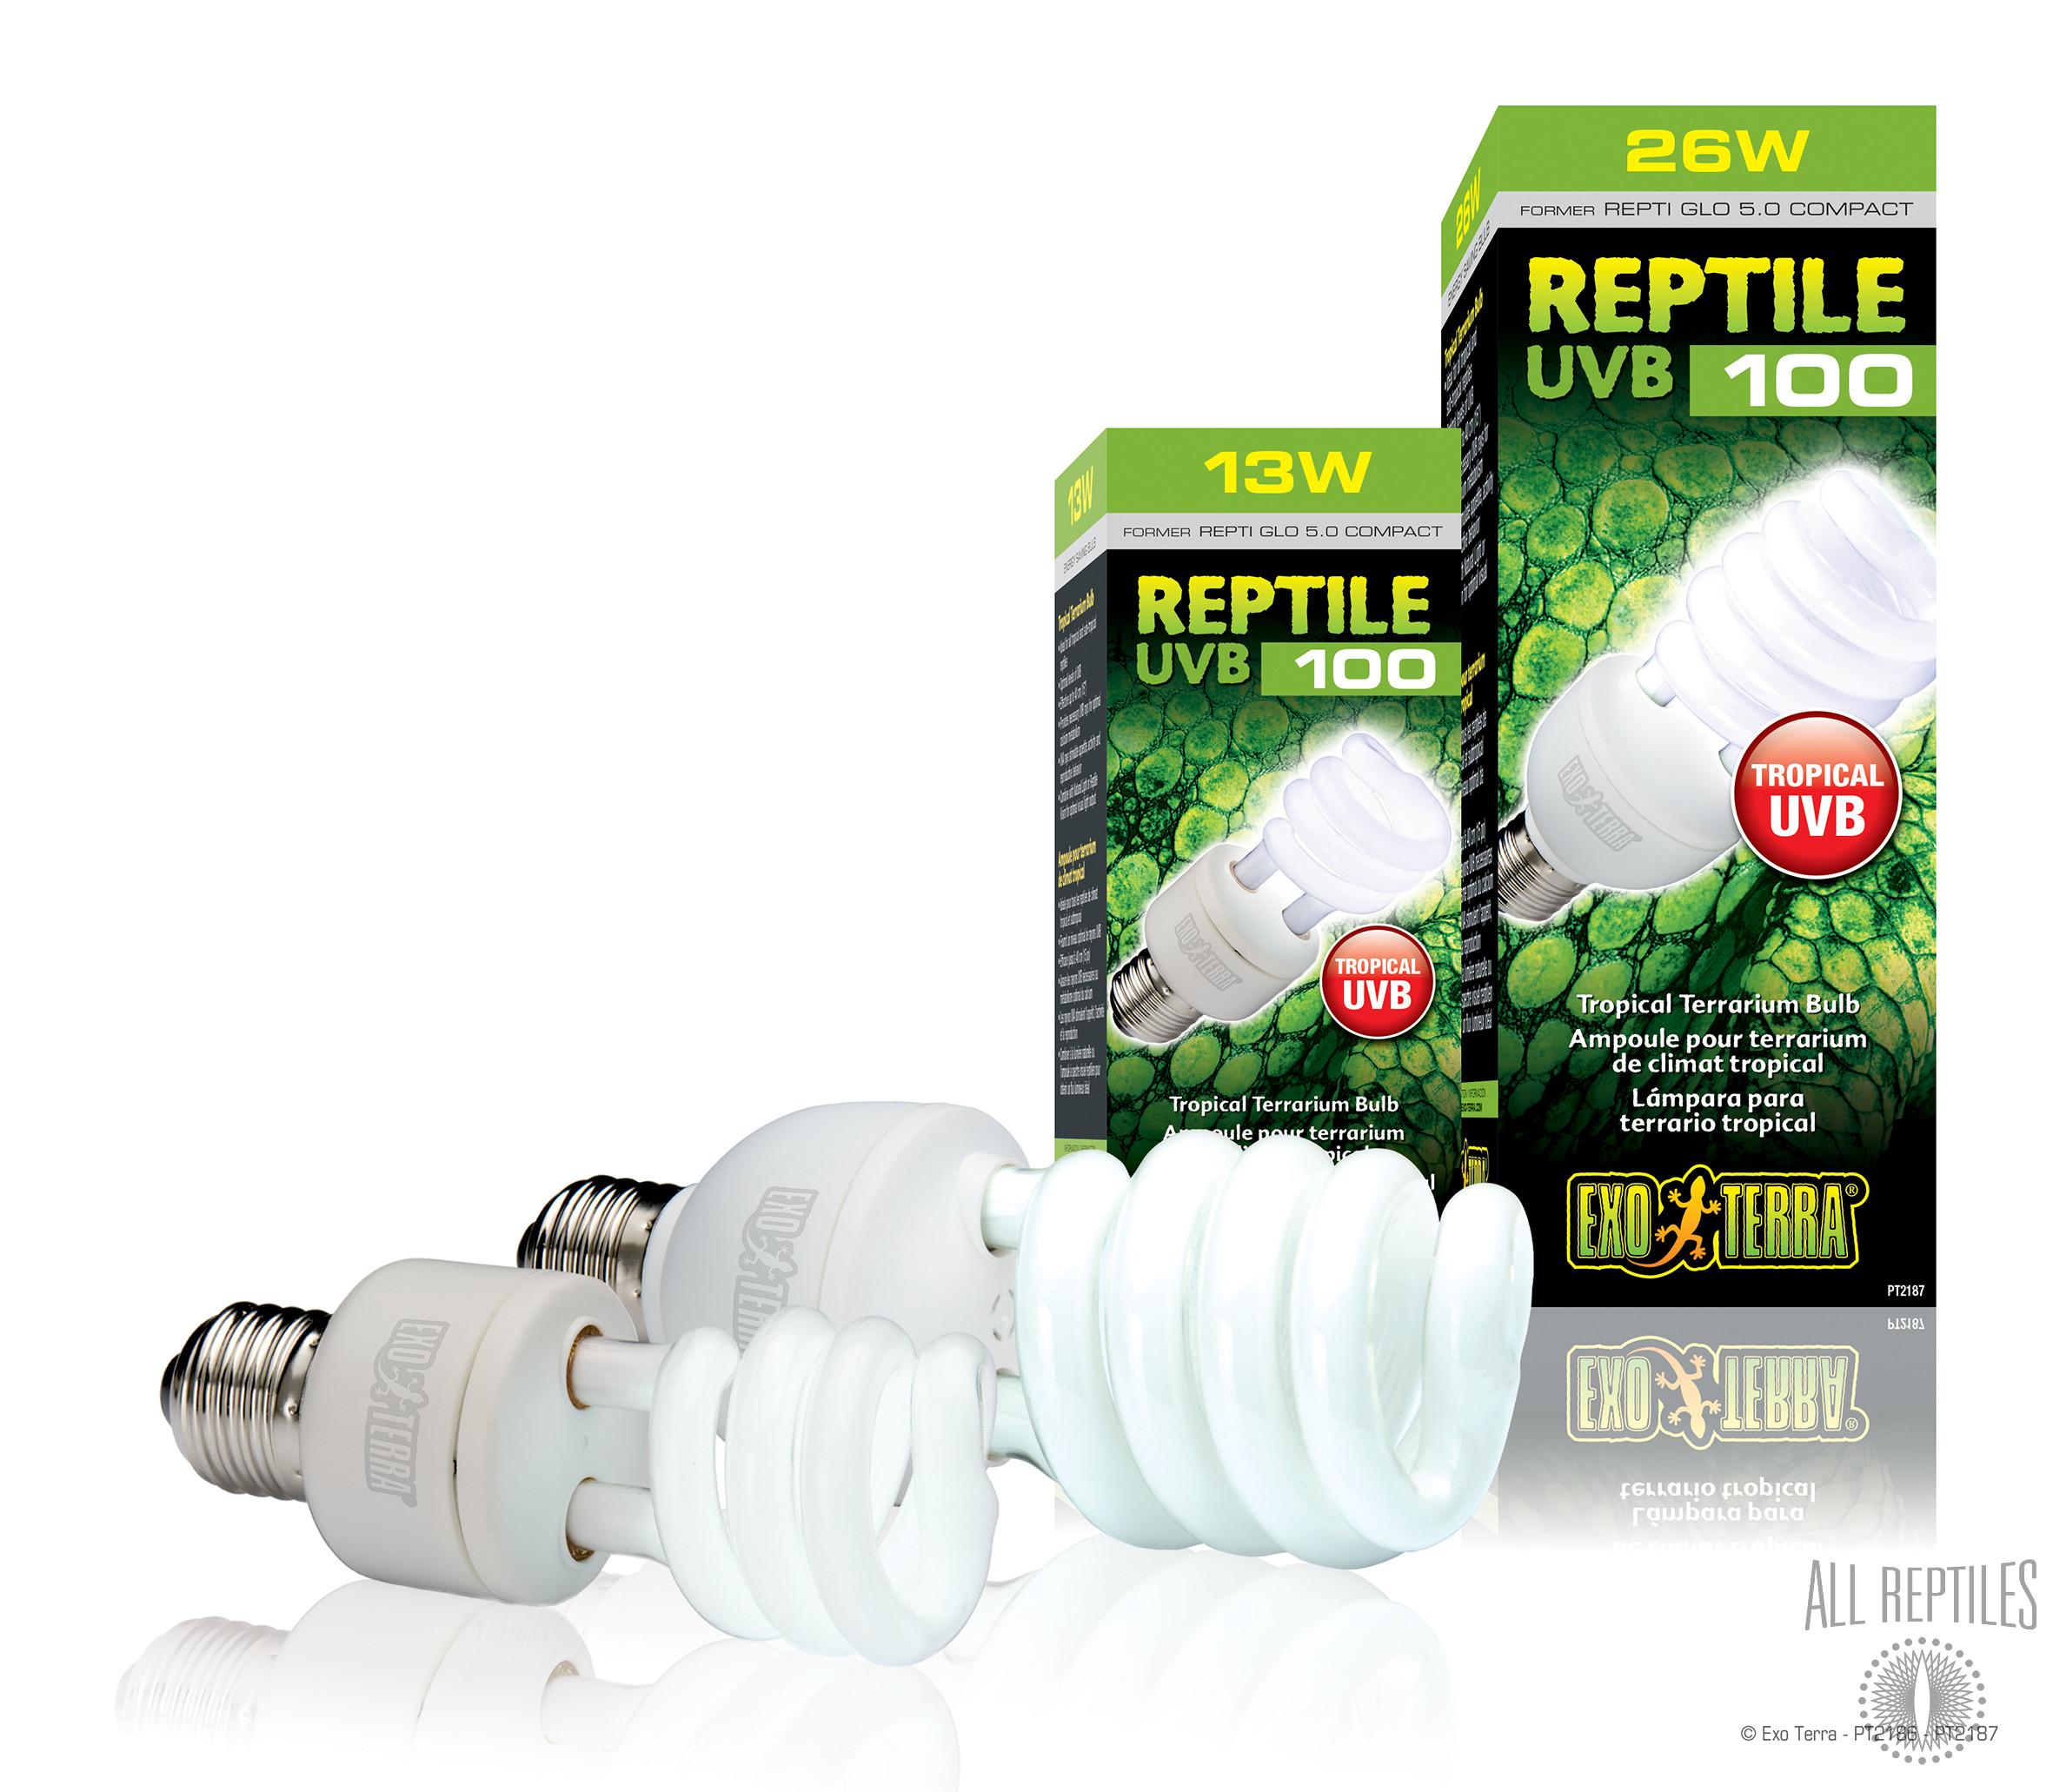 Exo Terra Reptile UVB 100 Compact